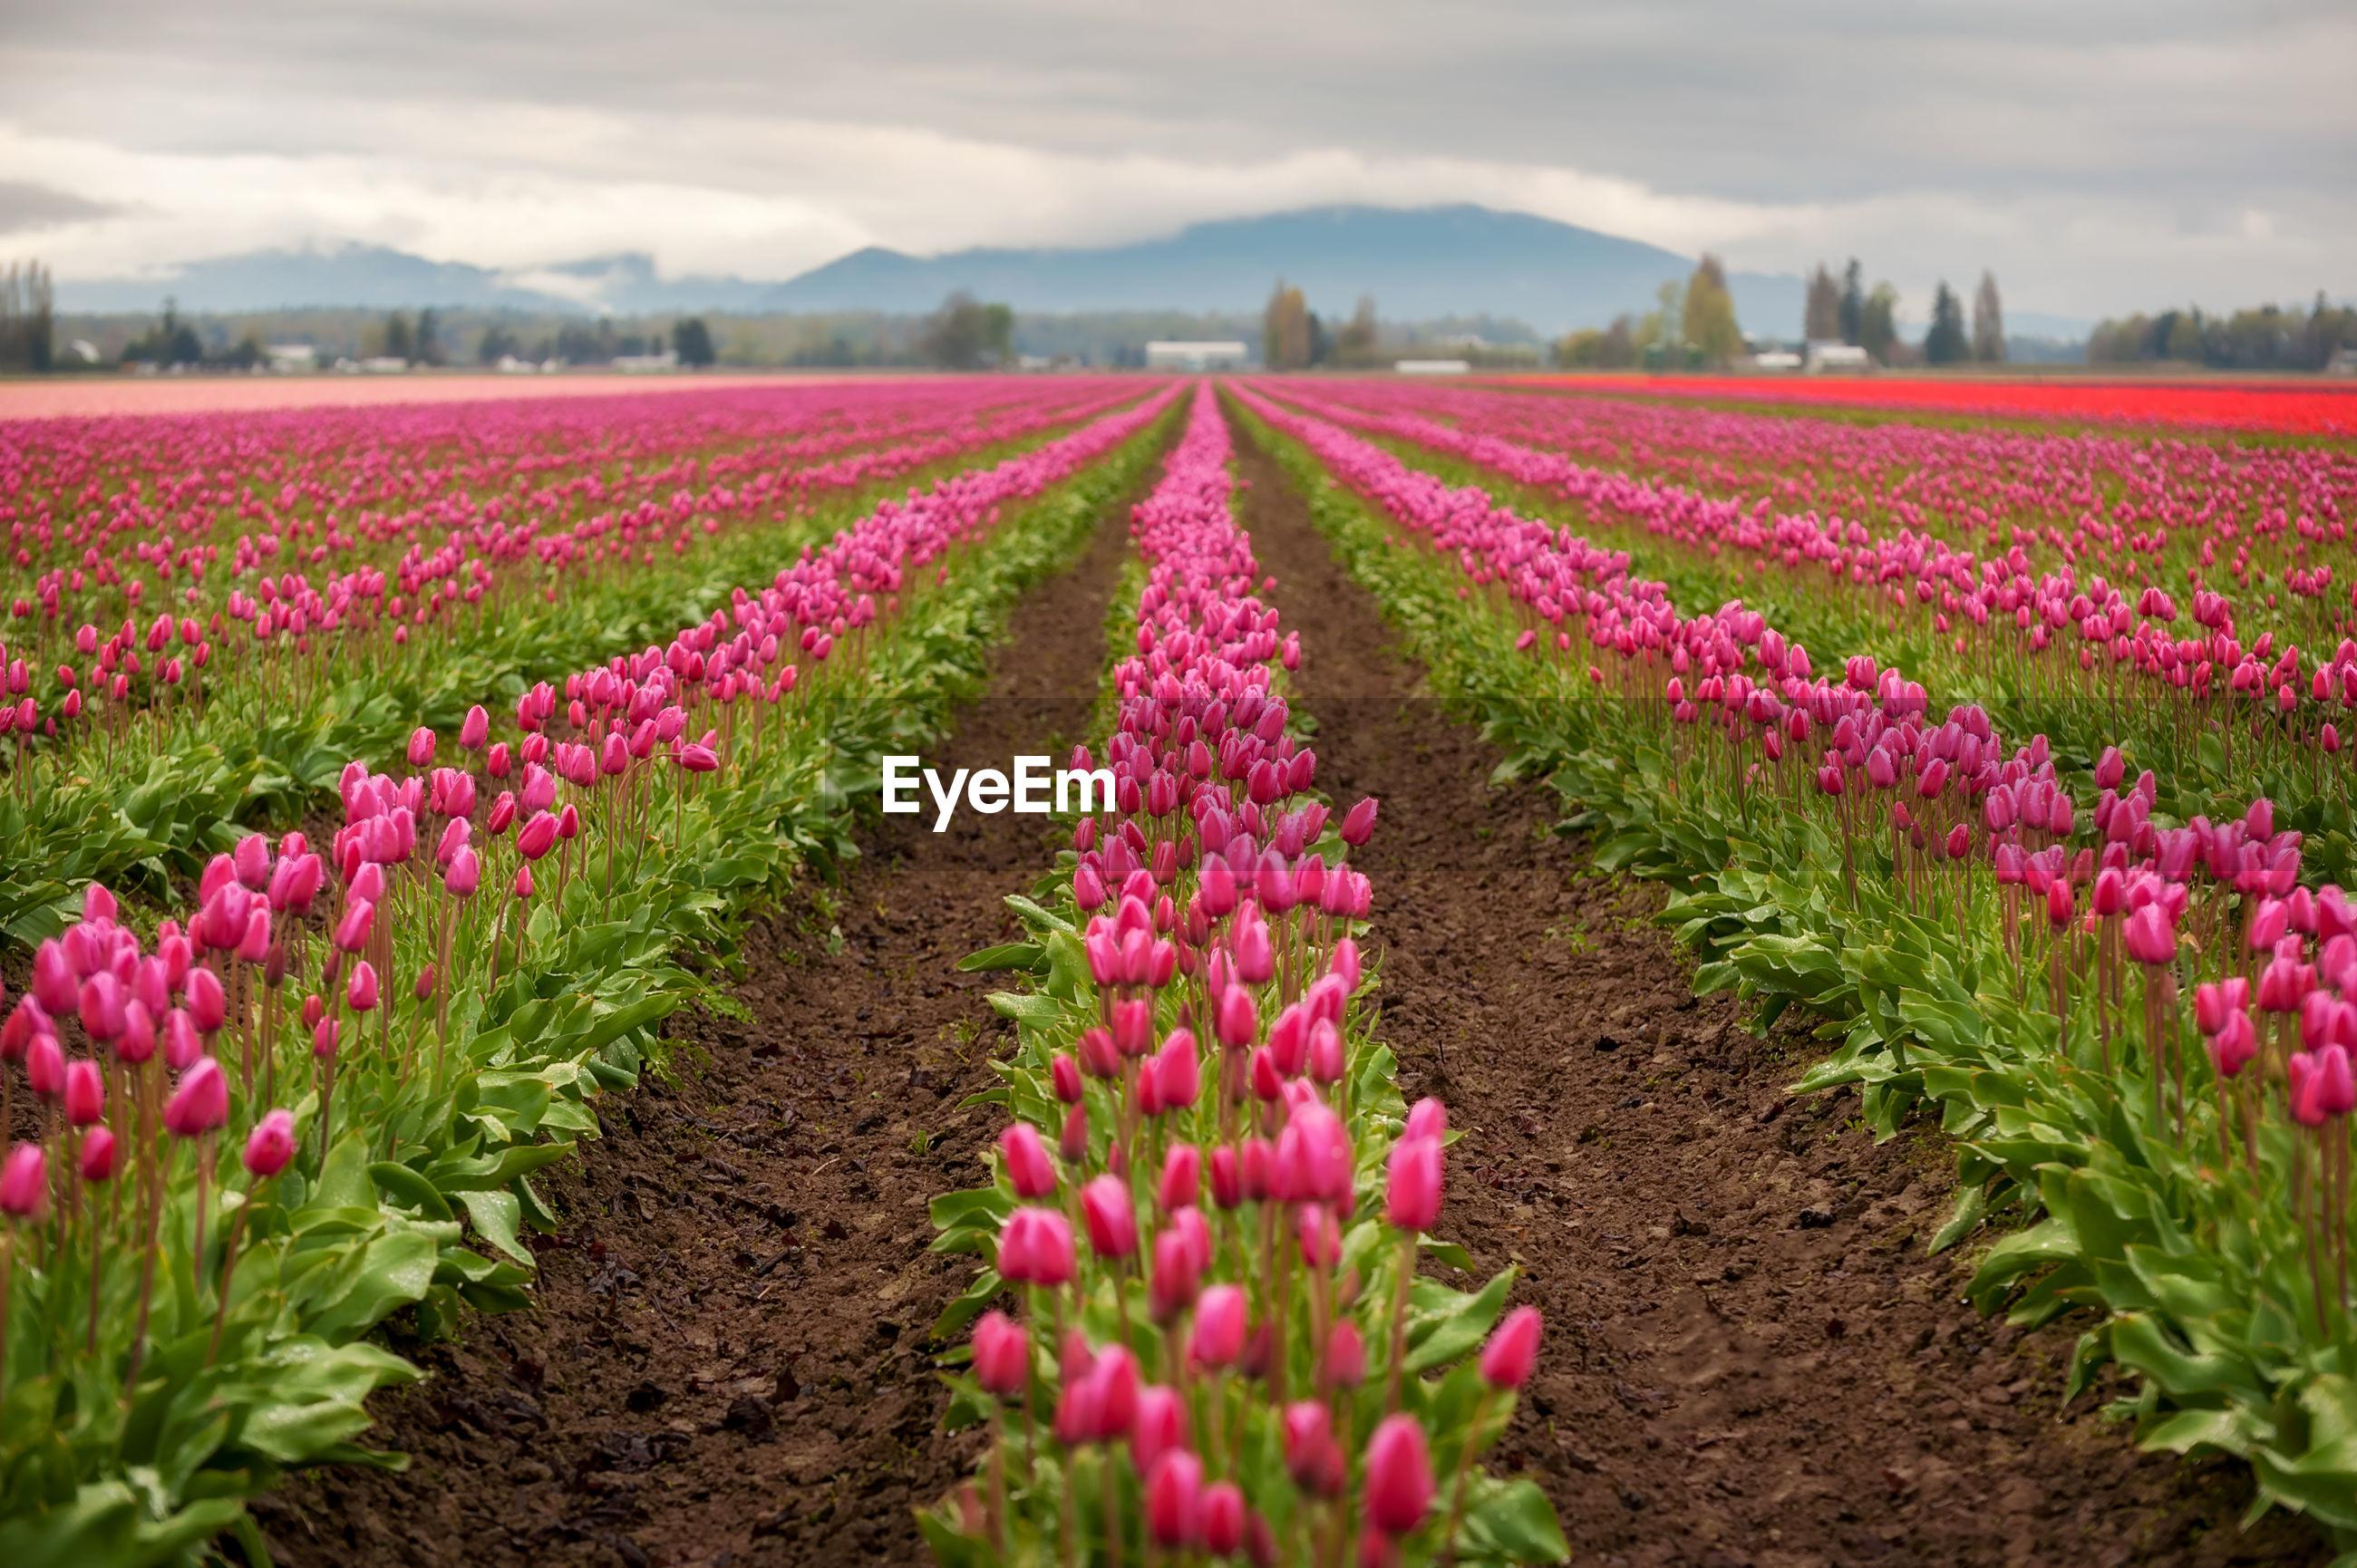 FRESH PINK FLOWERS IN FIELD